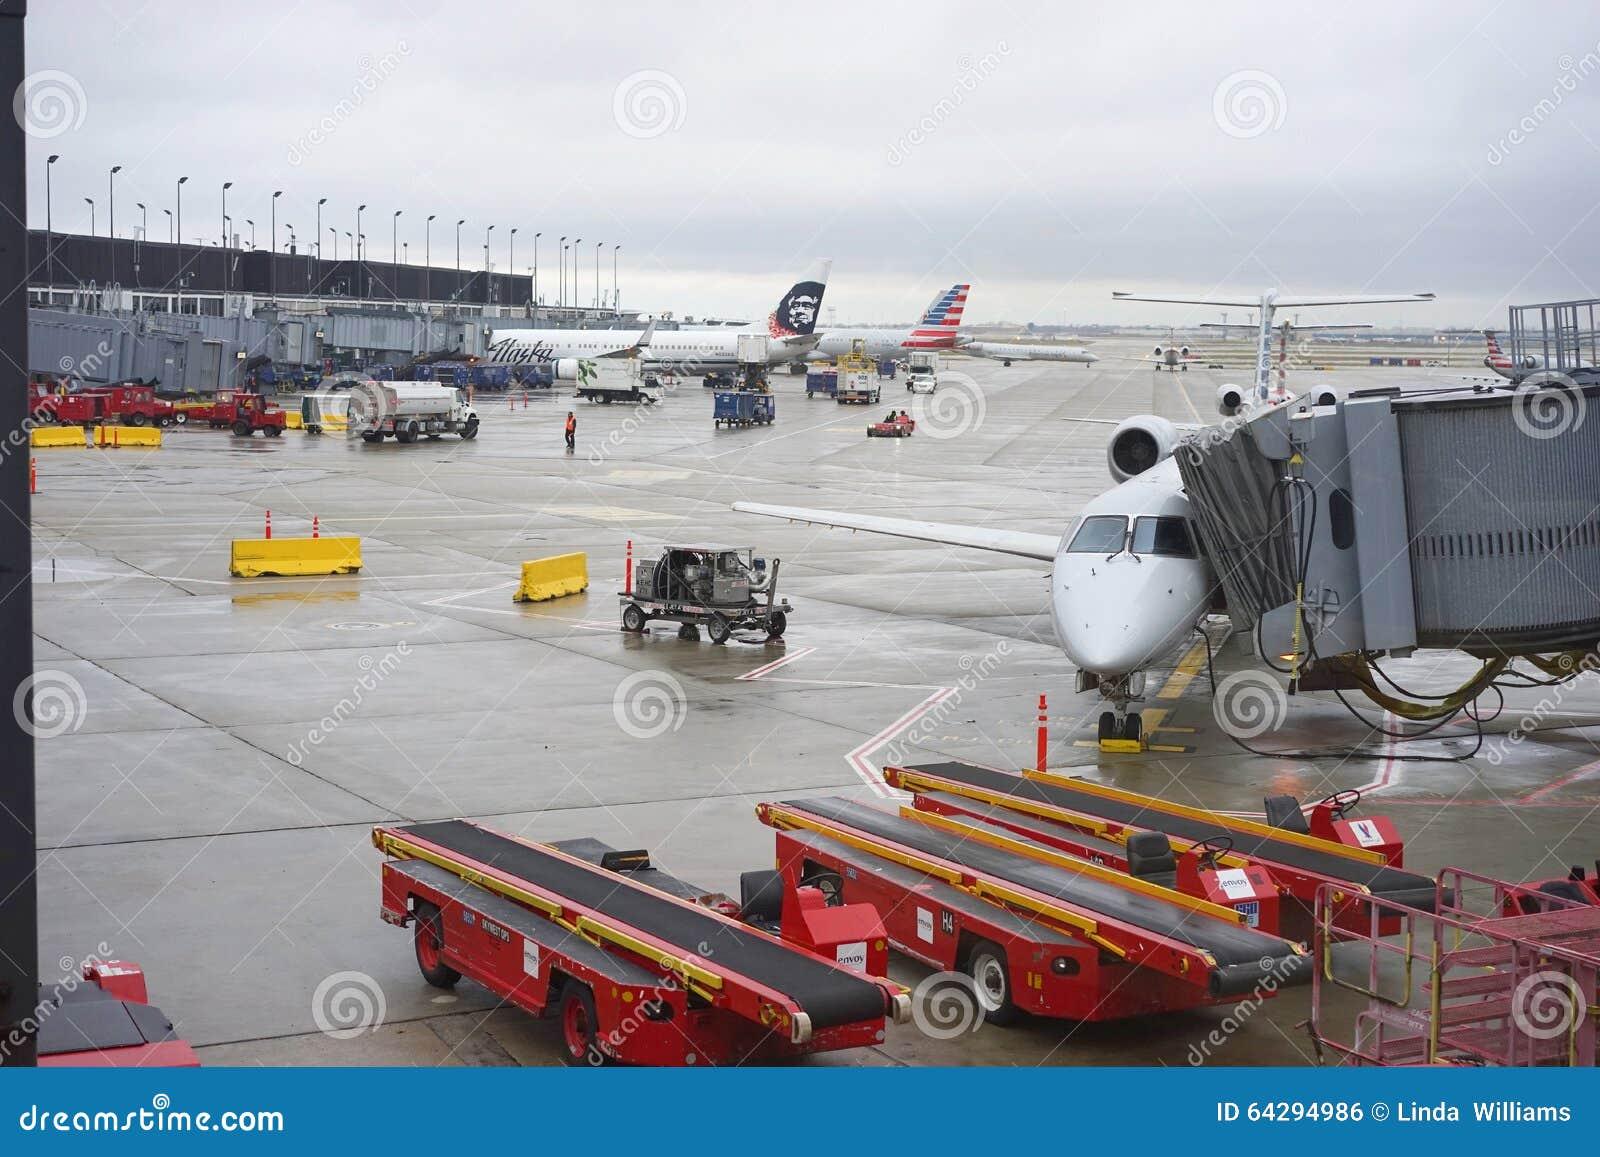 Πτήσεις έτοιμες για την απογείωση στον αερολιμένα του Σικάγου O $l*Harez